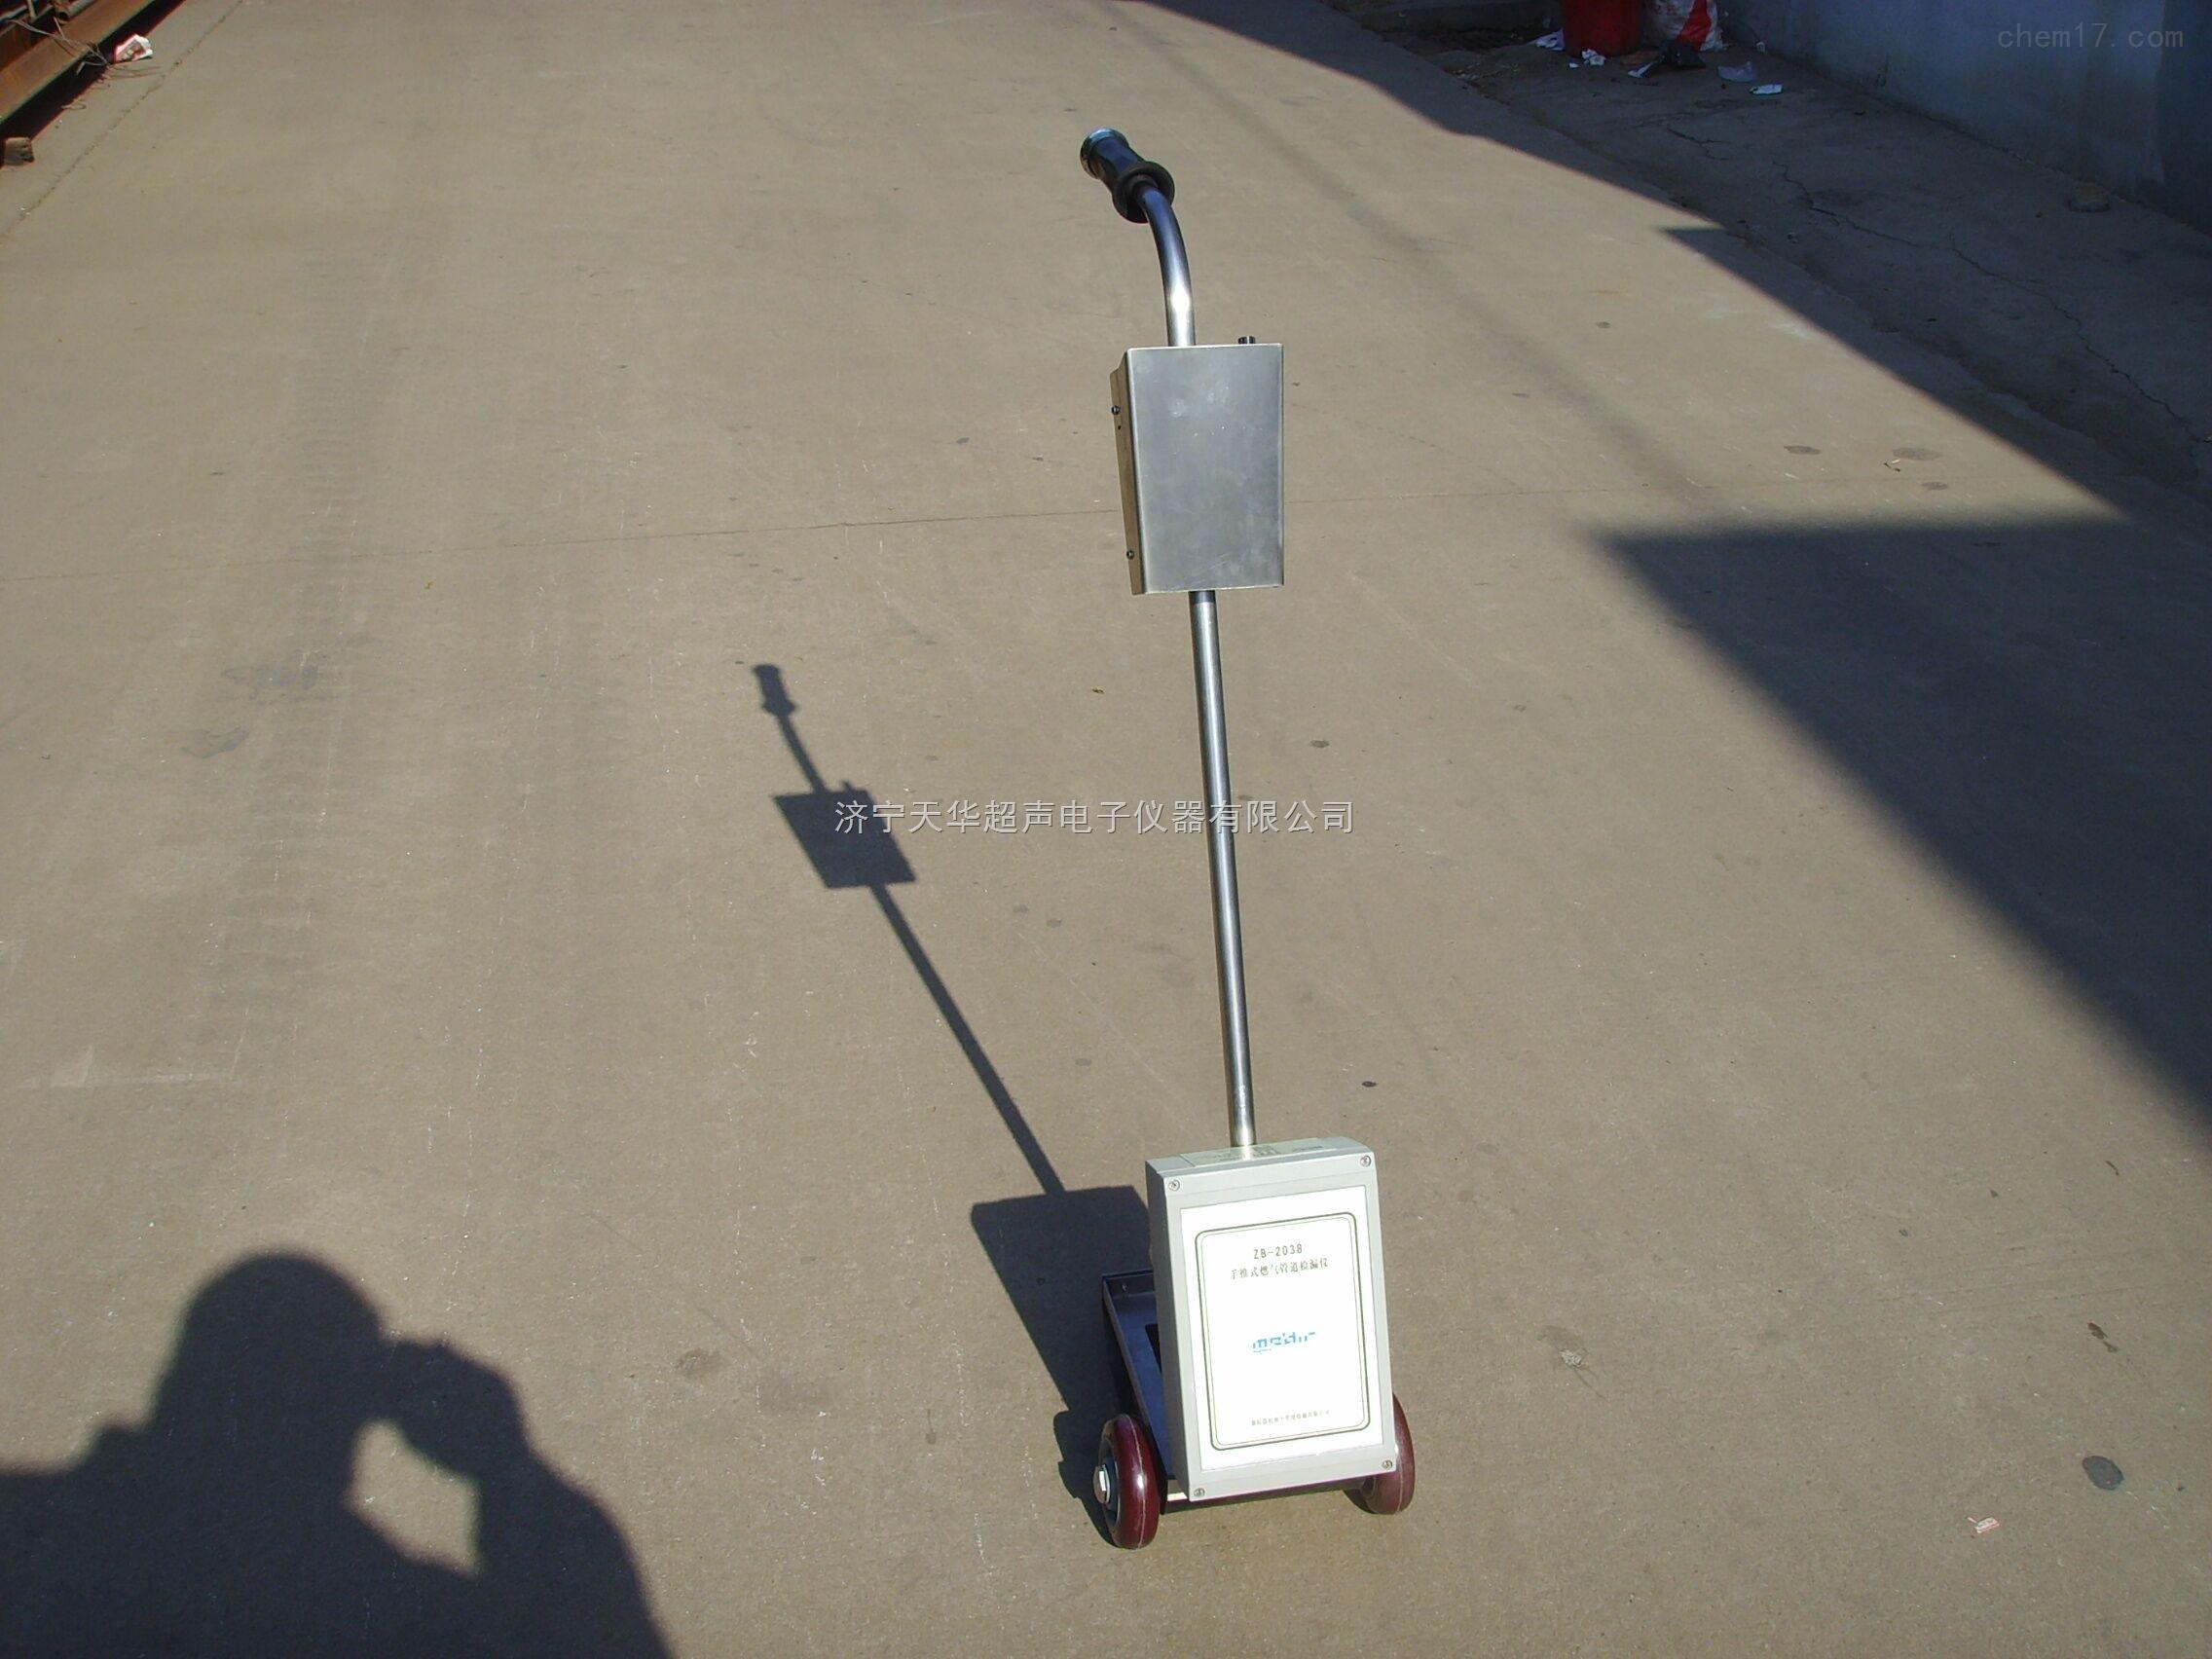 手推式燃气管道检漏仪  燃气管道检漏仪 地下燃气管道检漏仪